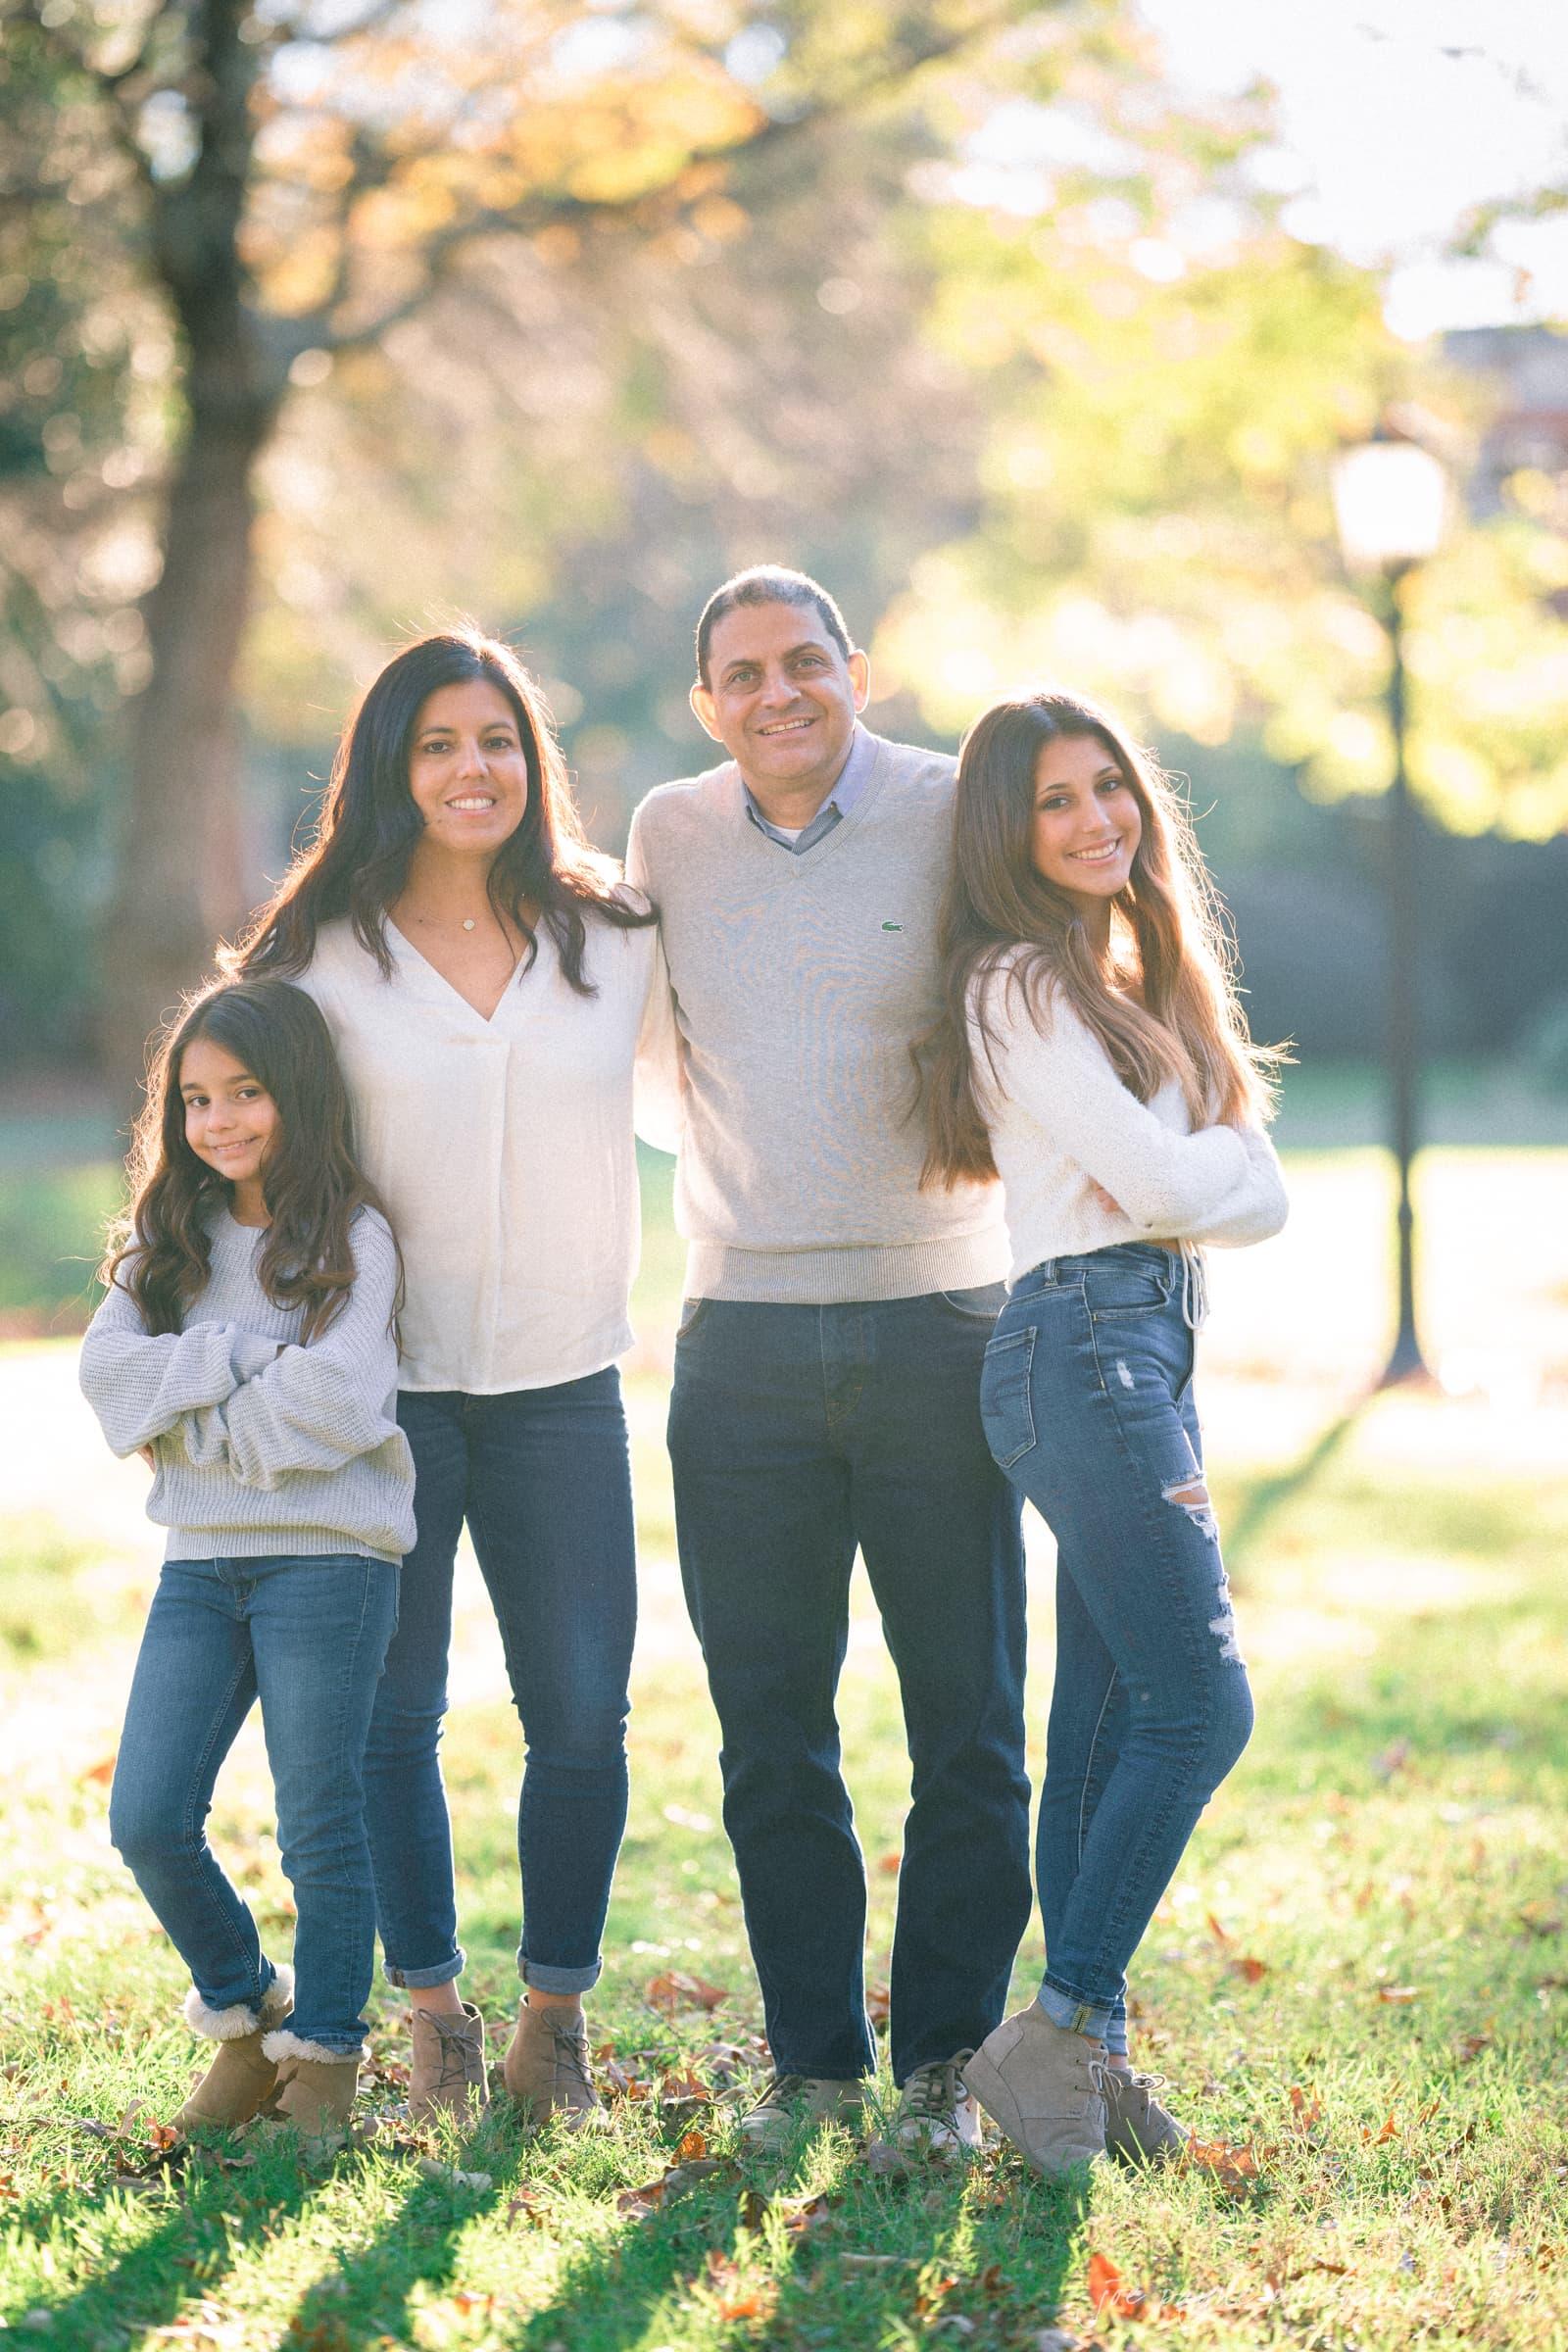 raleigh family photographer jackie cesar 2